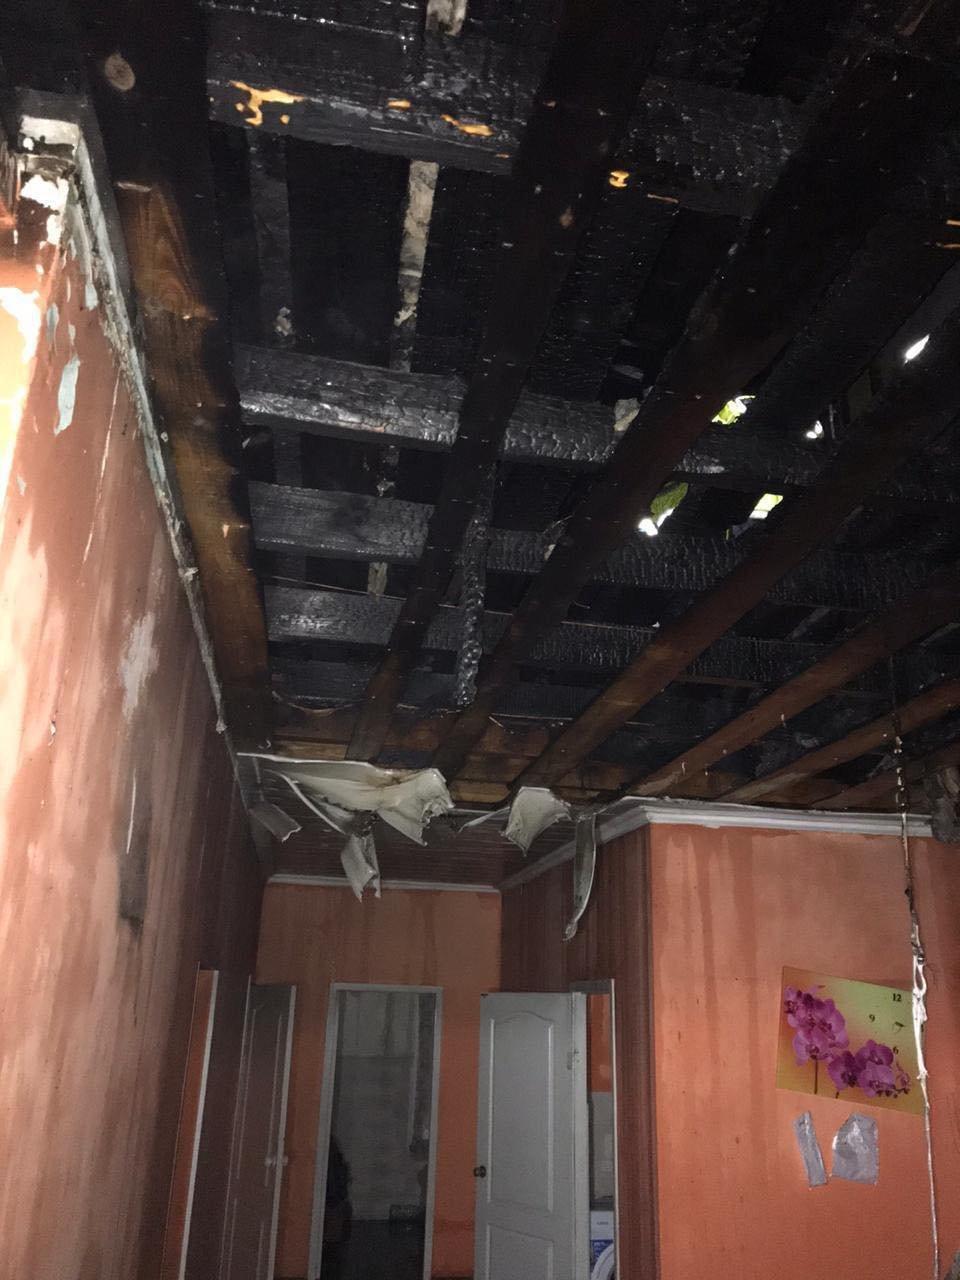 Жалоба та розслідування: що відомо про пожежу у будинку з літніми людьми у Харкові, фото-4